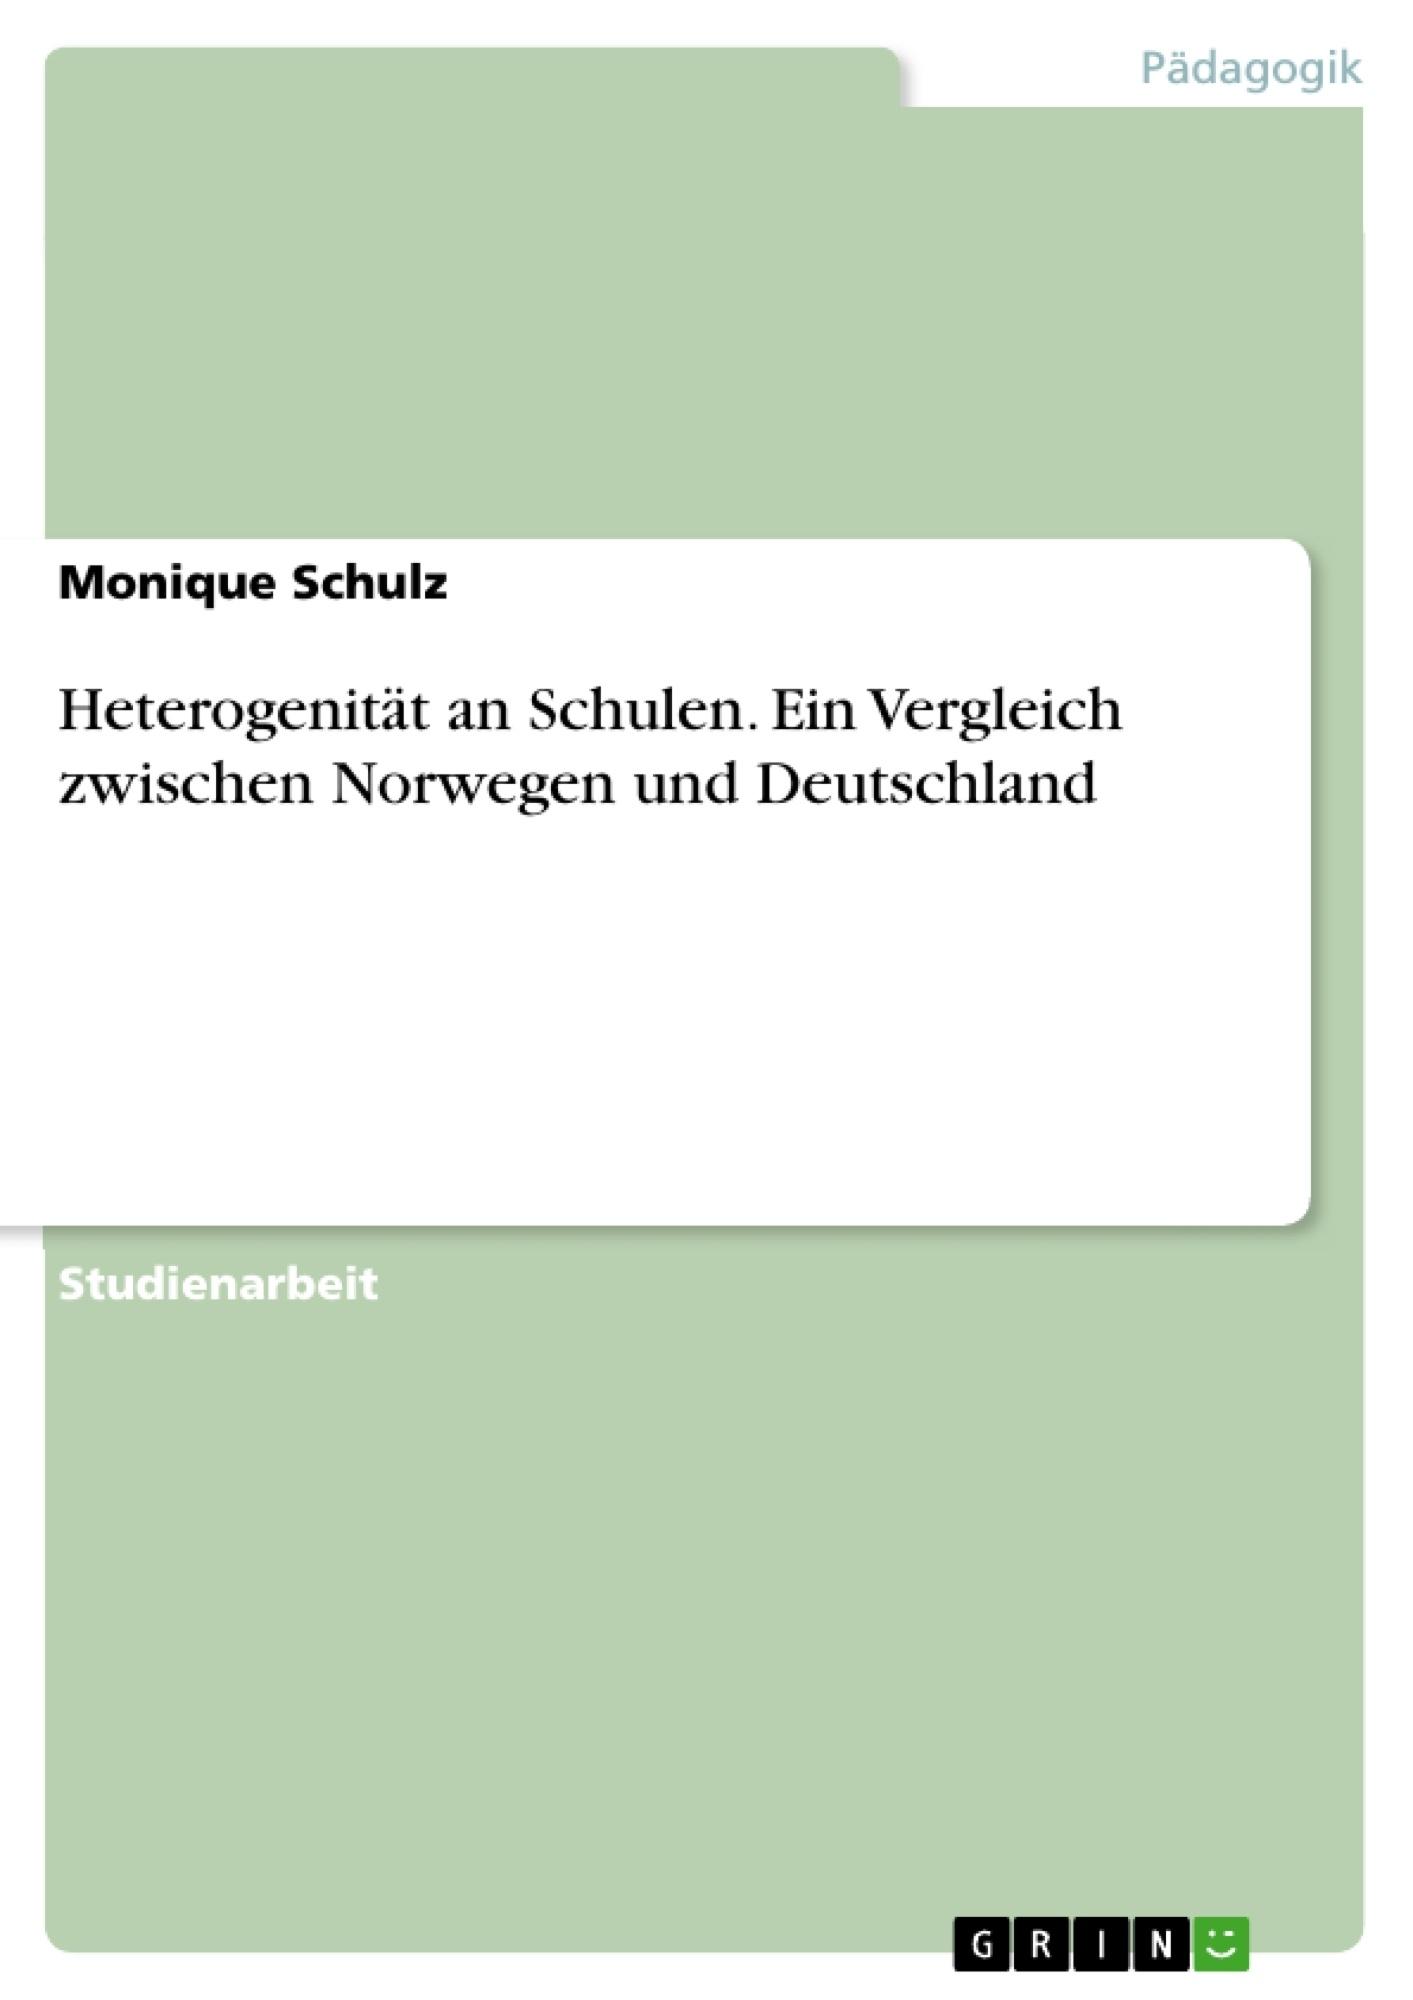 Titel: Heterogenität an Schulen. Ein Vergleich zwischen Norwegen und Deutschland